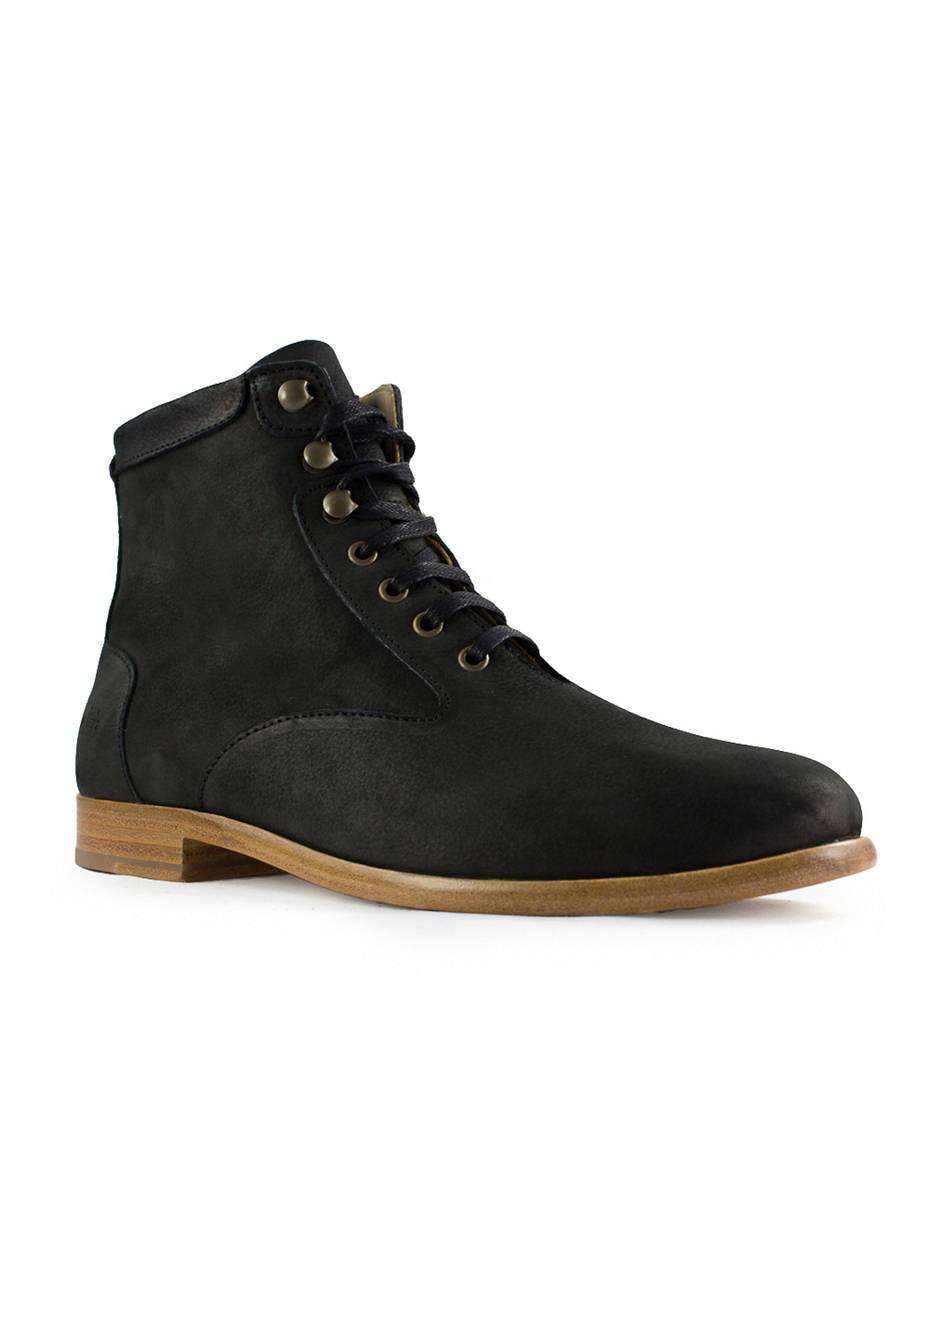 Desert High / Black Leather